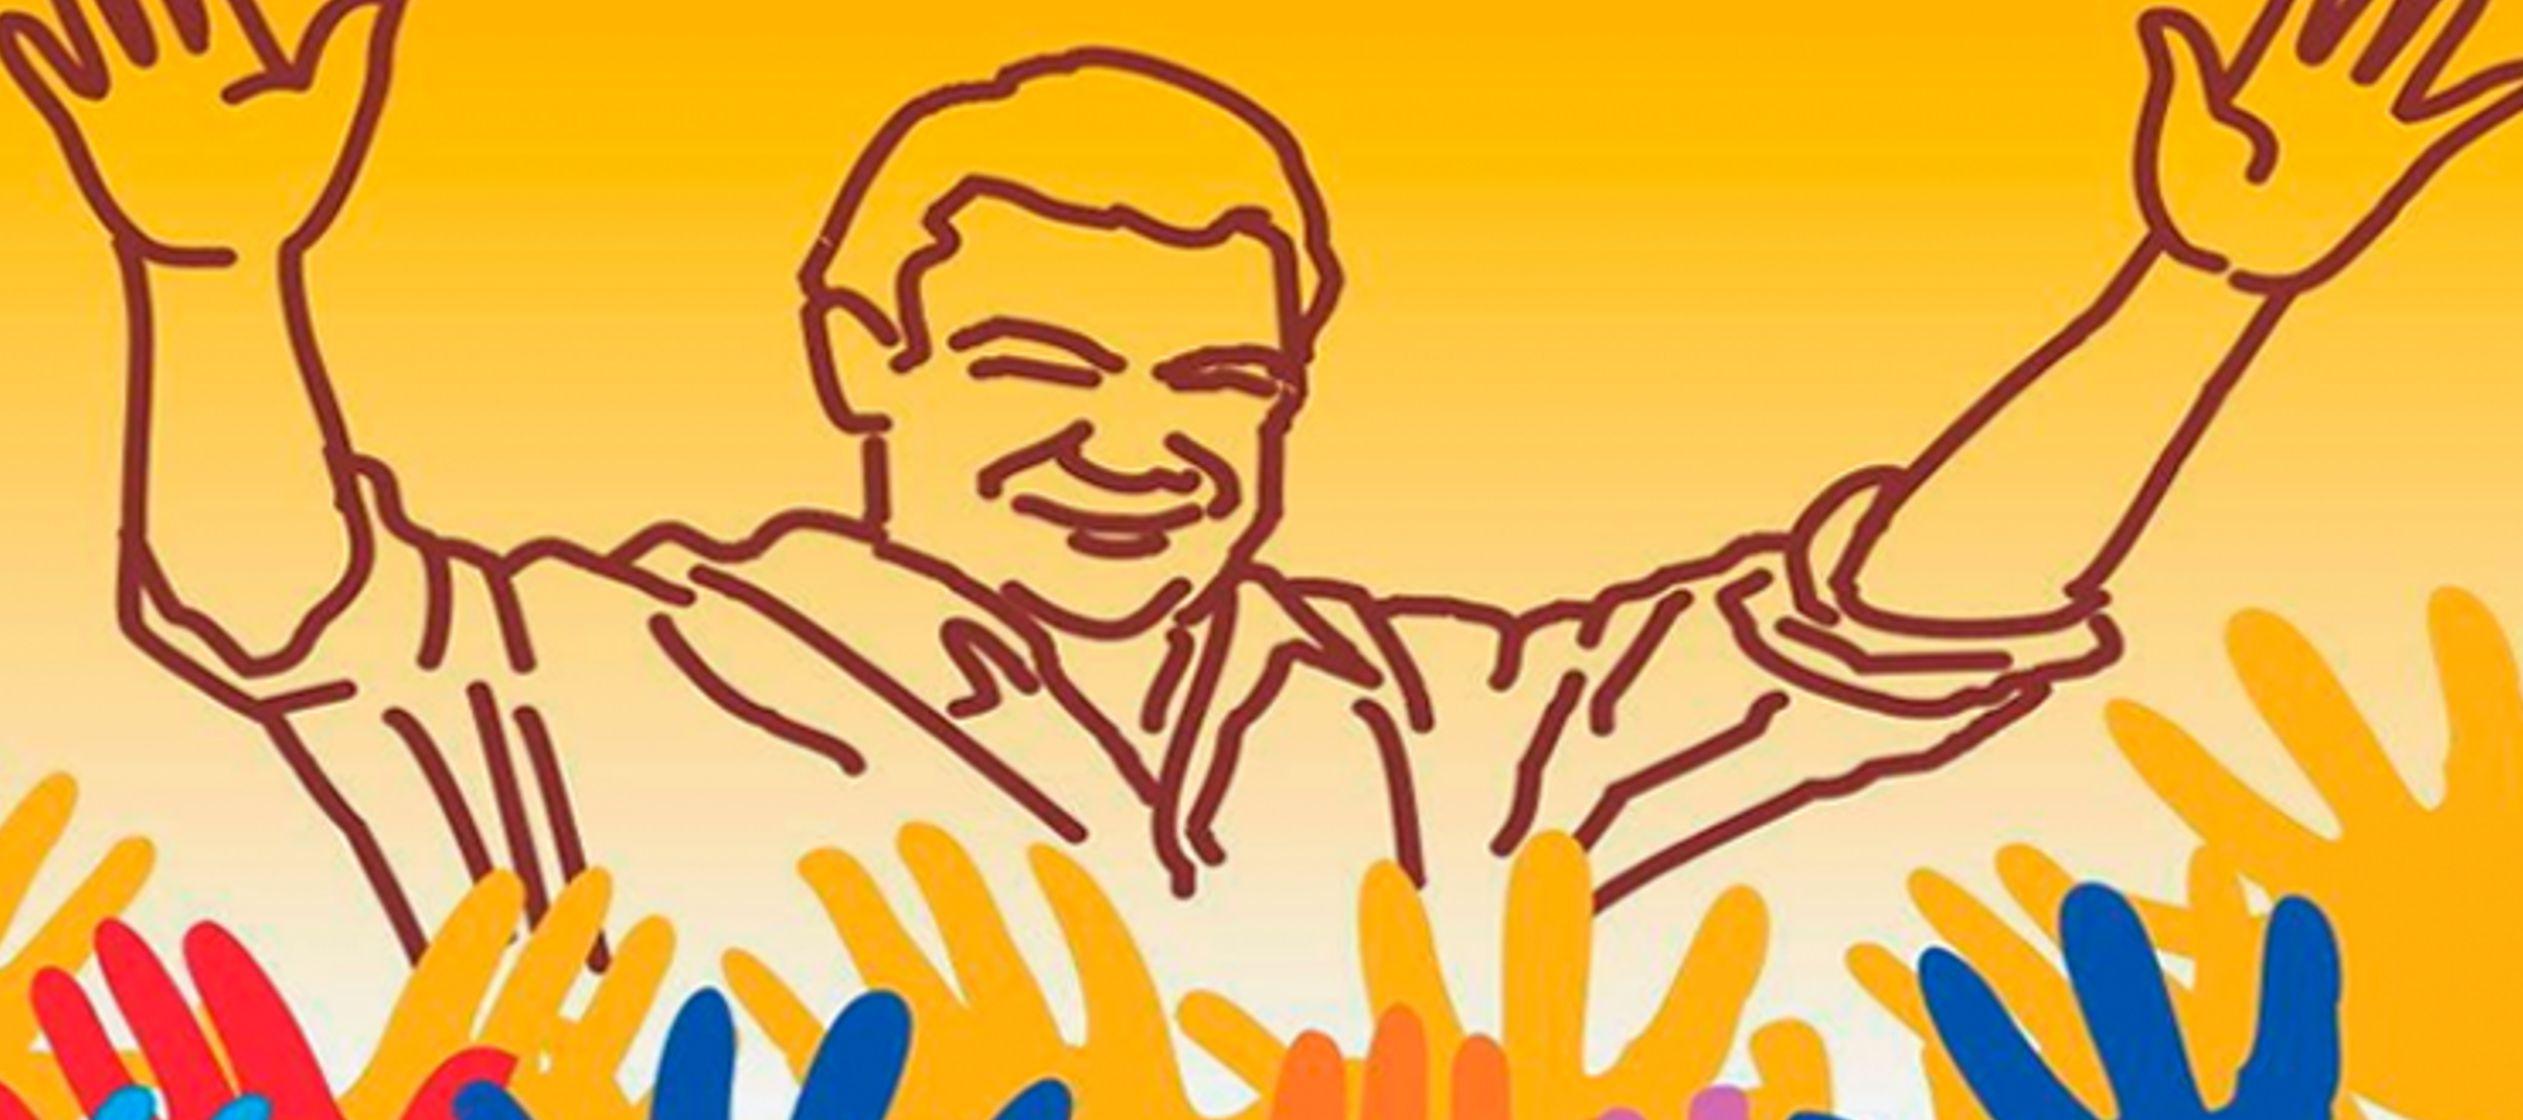 La preocupación ante la fuerza de grupos y partidos populistas surge desde una interesante...